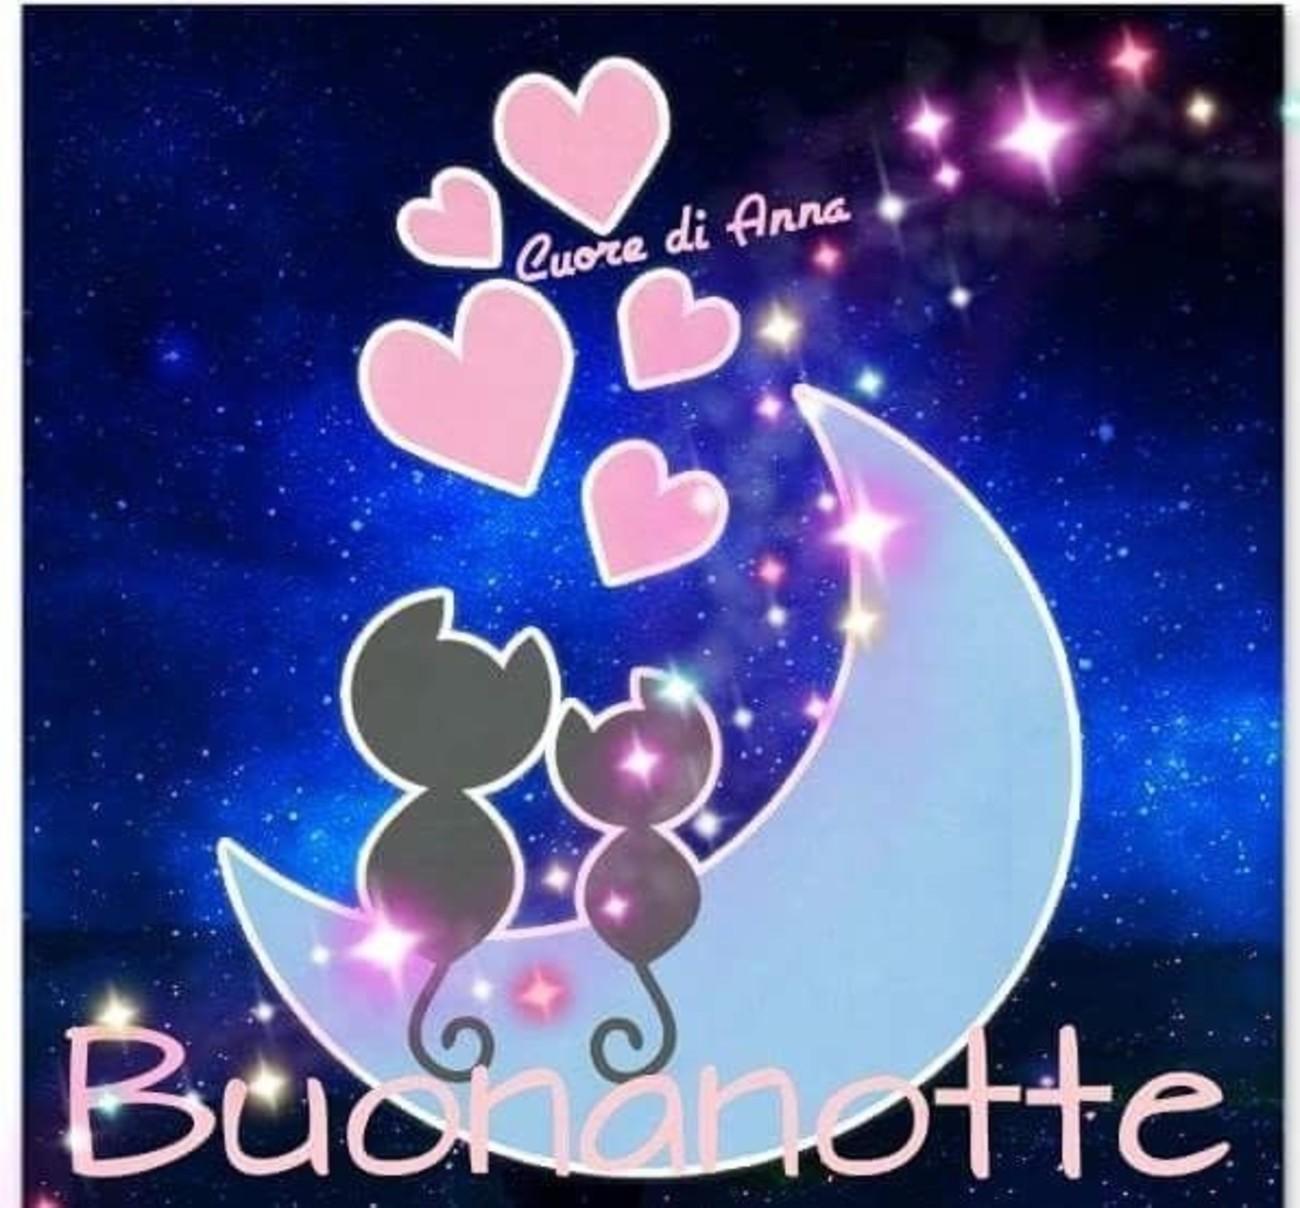 Buonanotte romantico